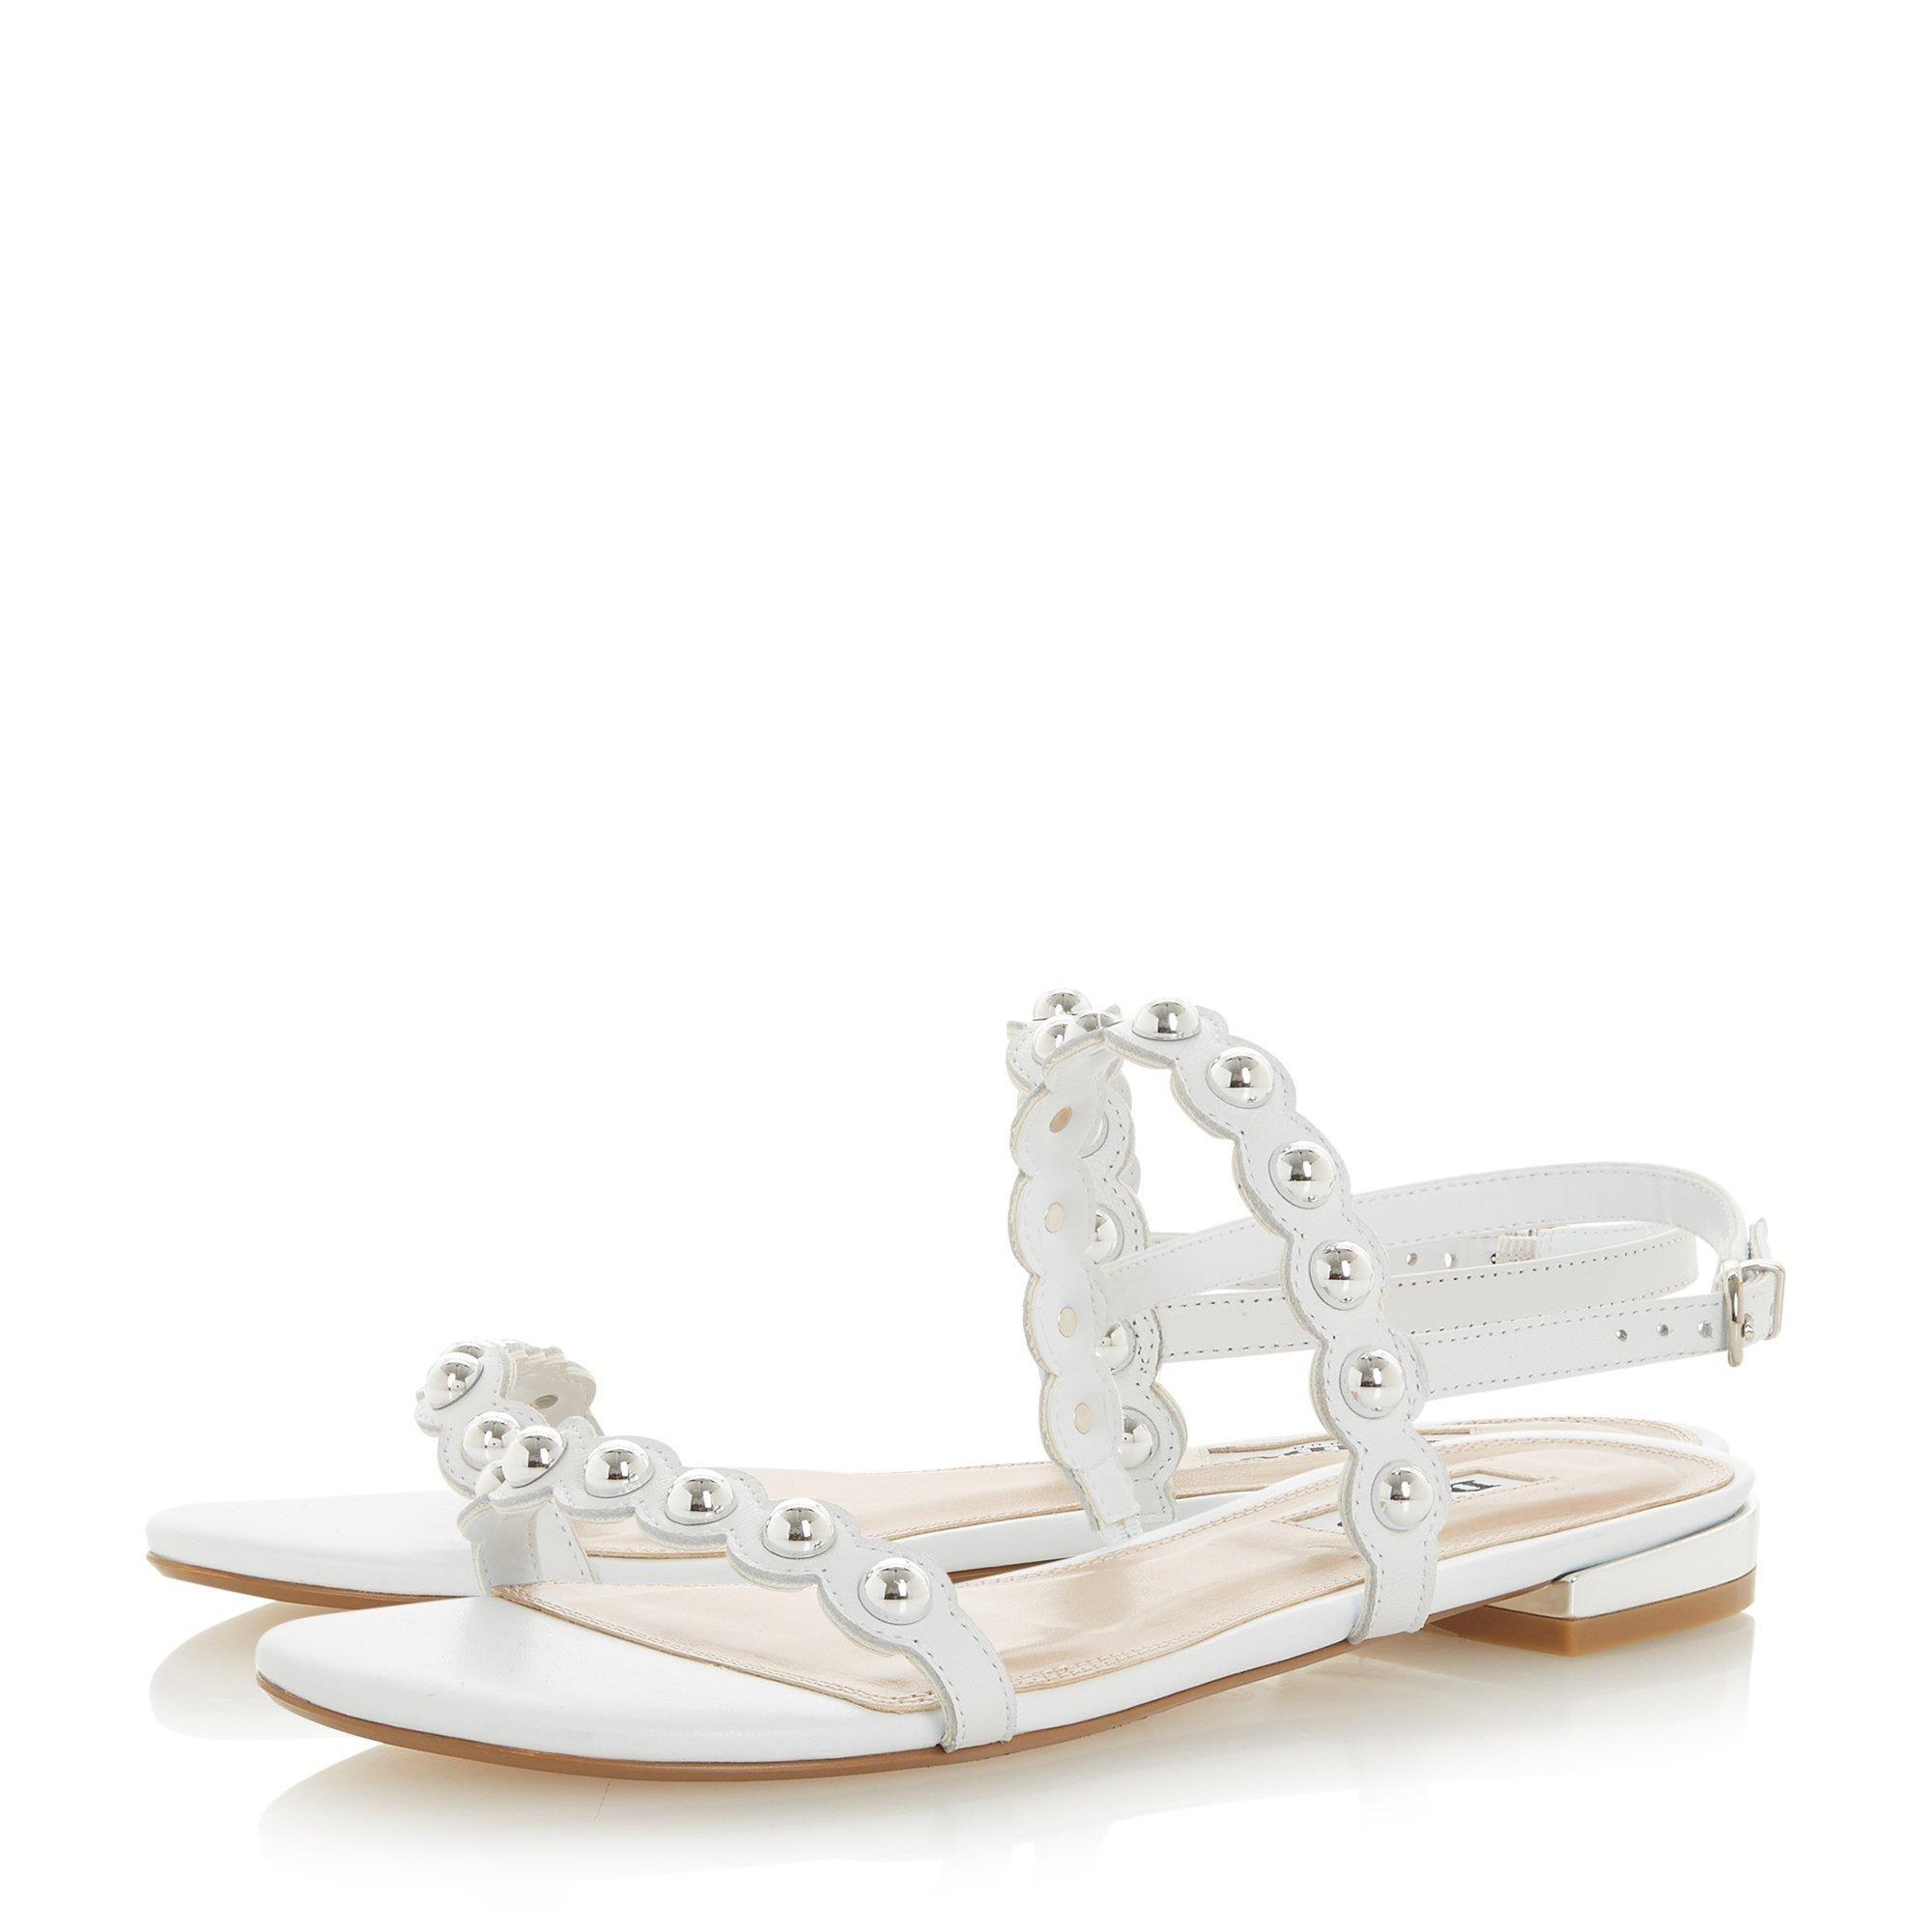 Dune Ladies NEELLA Stud Embellished Scalloped Trim Sandal